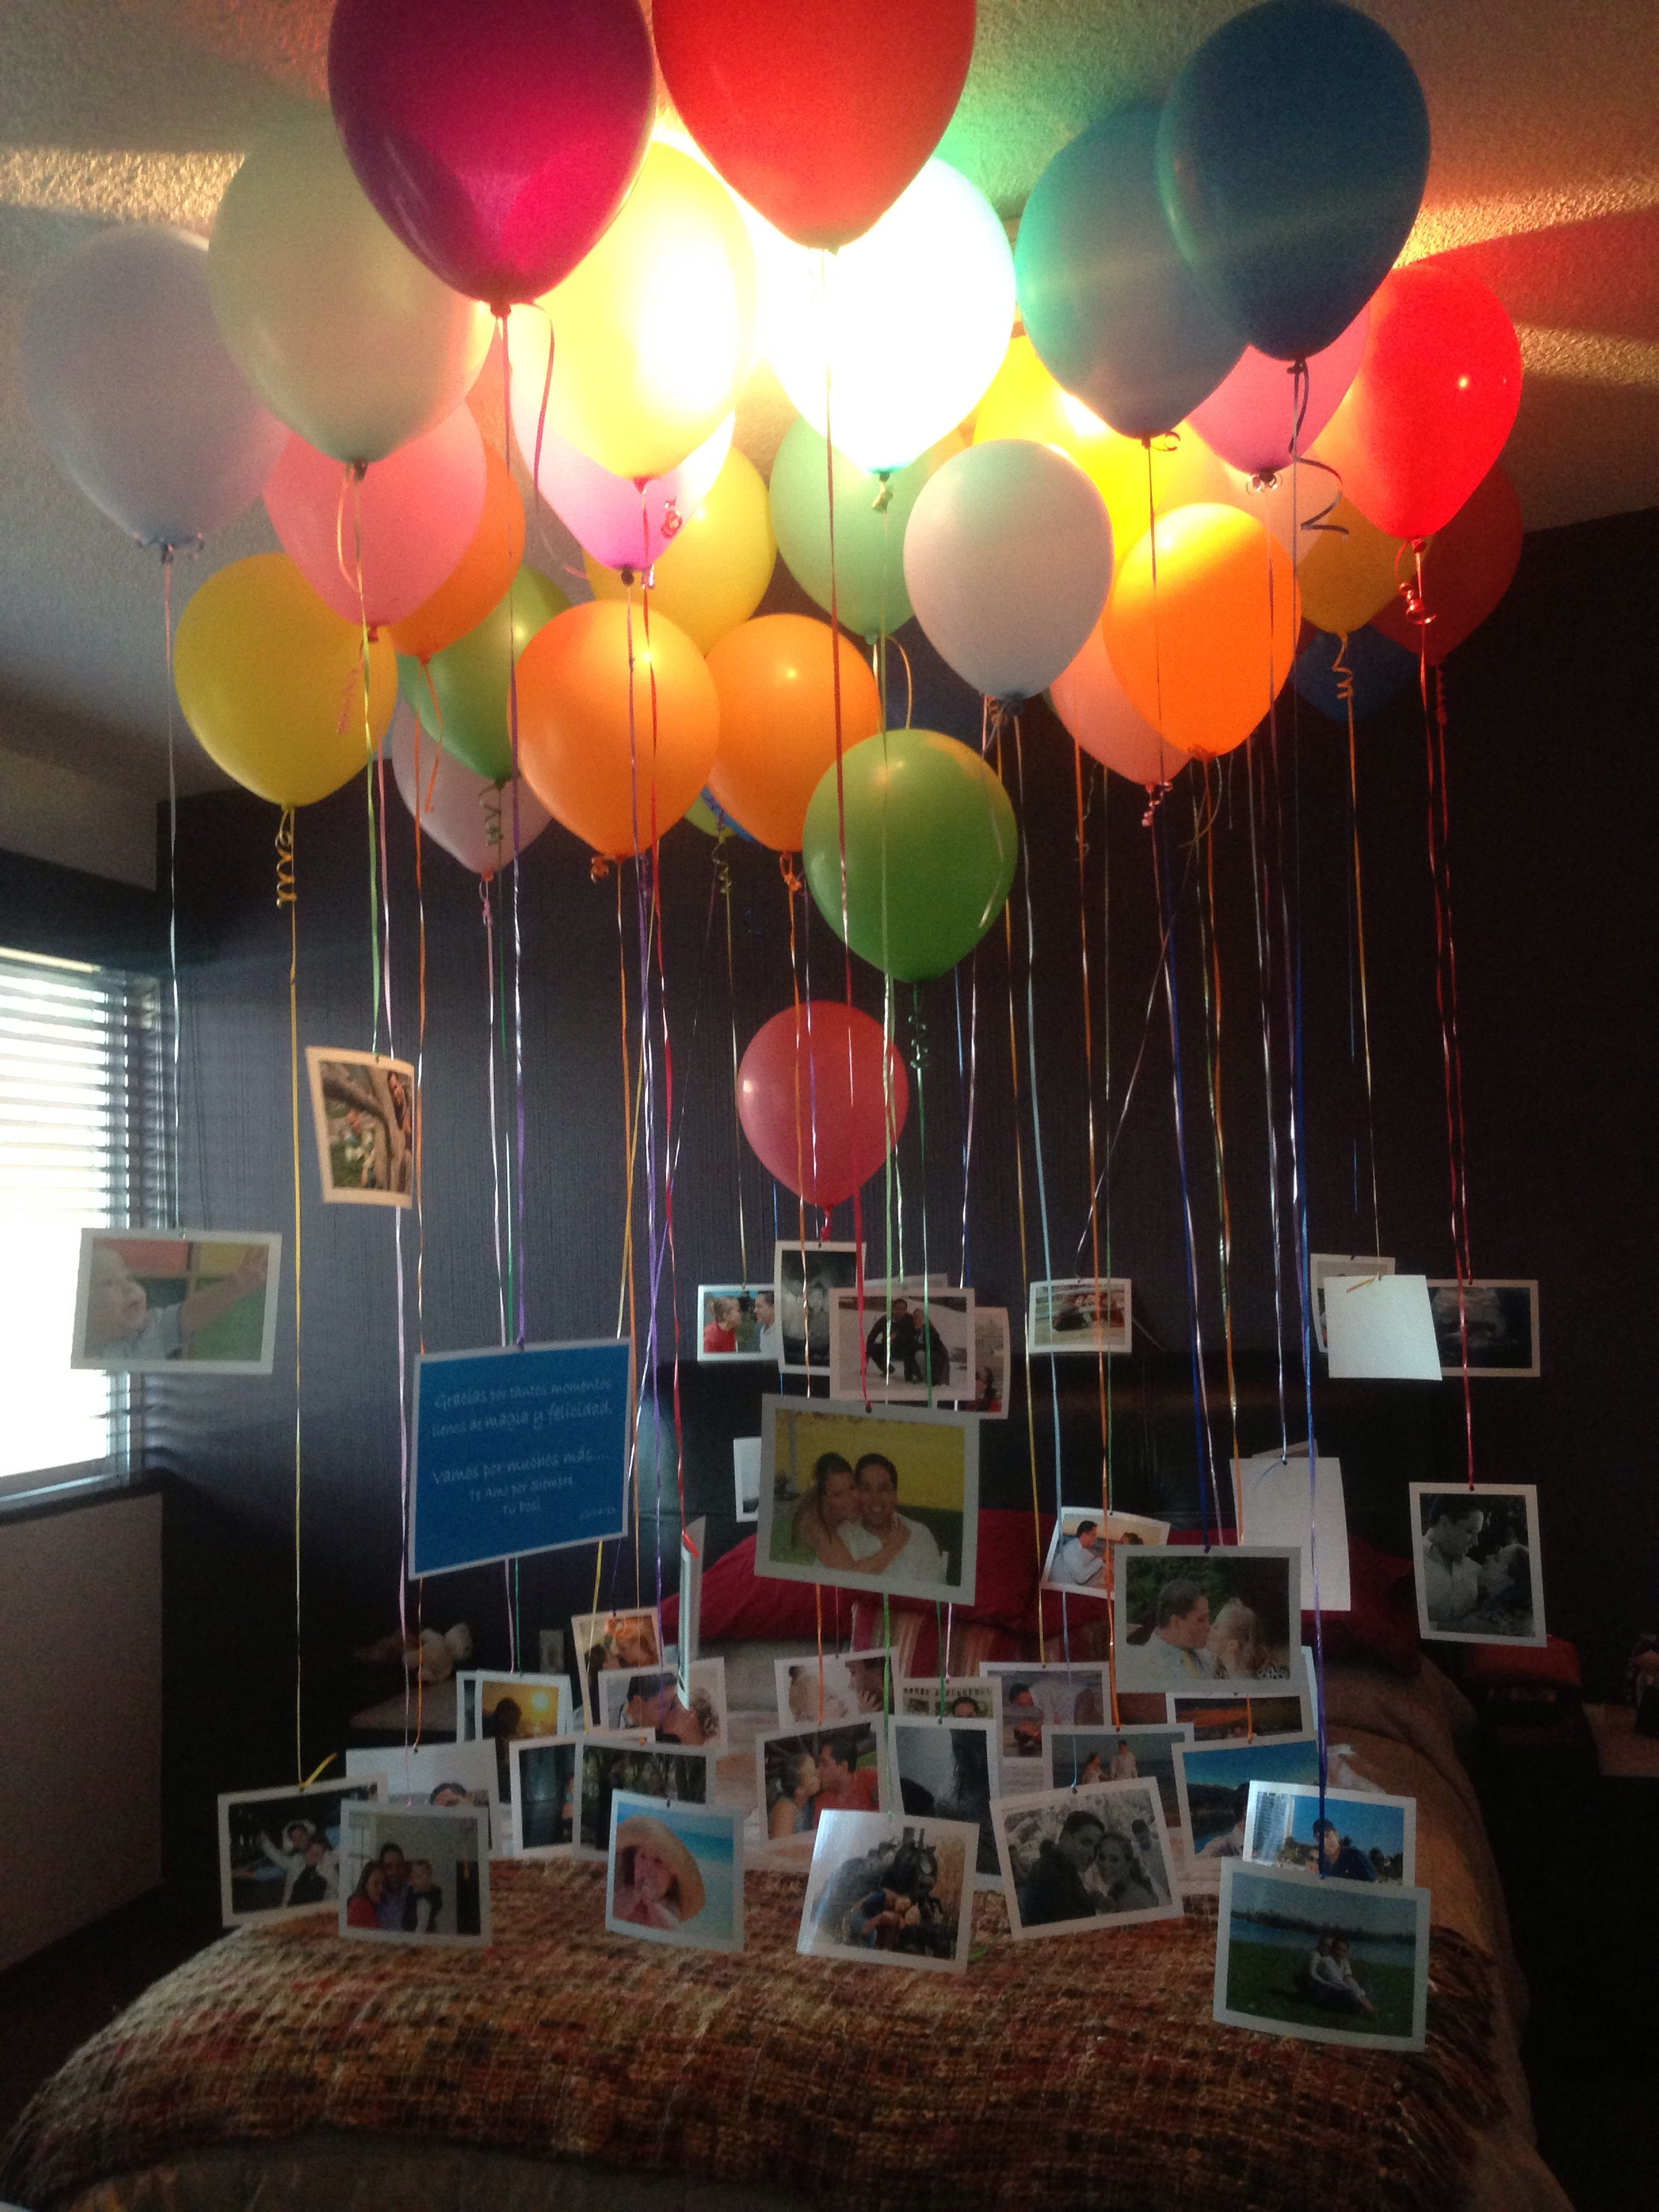 Decoraci n con globos y fotografias hermosa sorpresa - Decoracion con globos ...